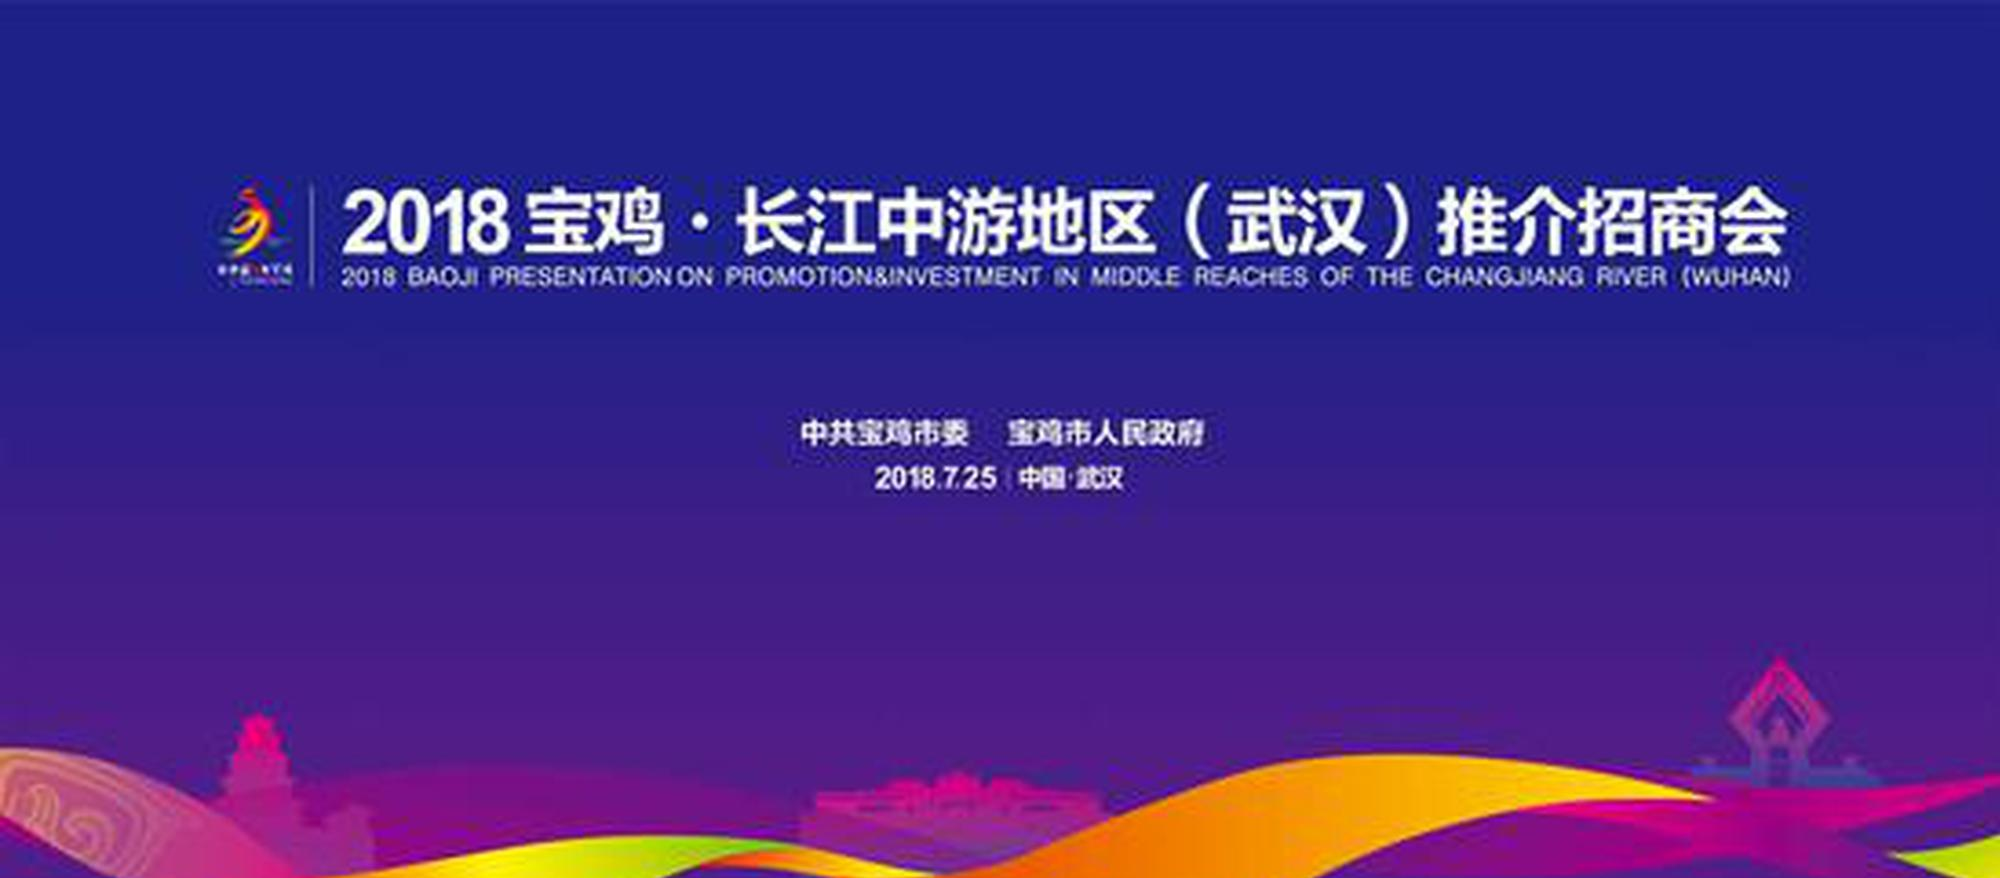 长江中游地区推介招商会专题